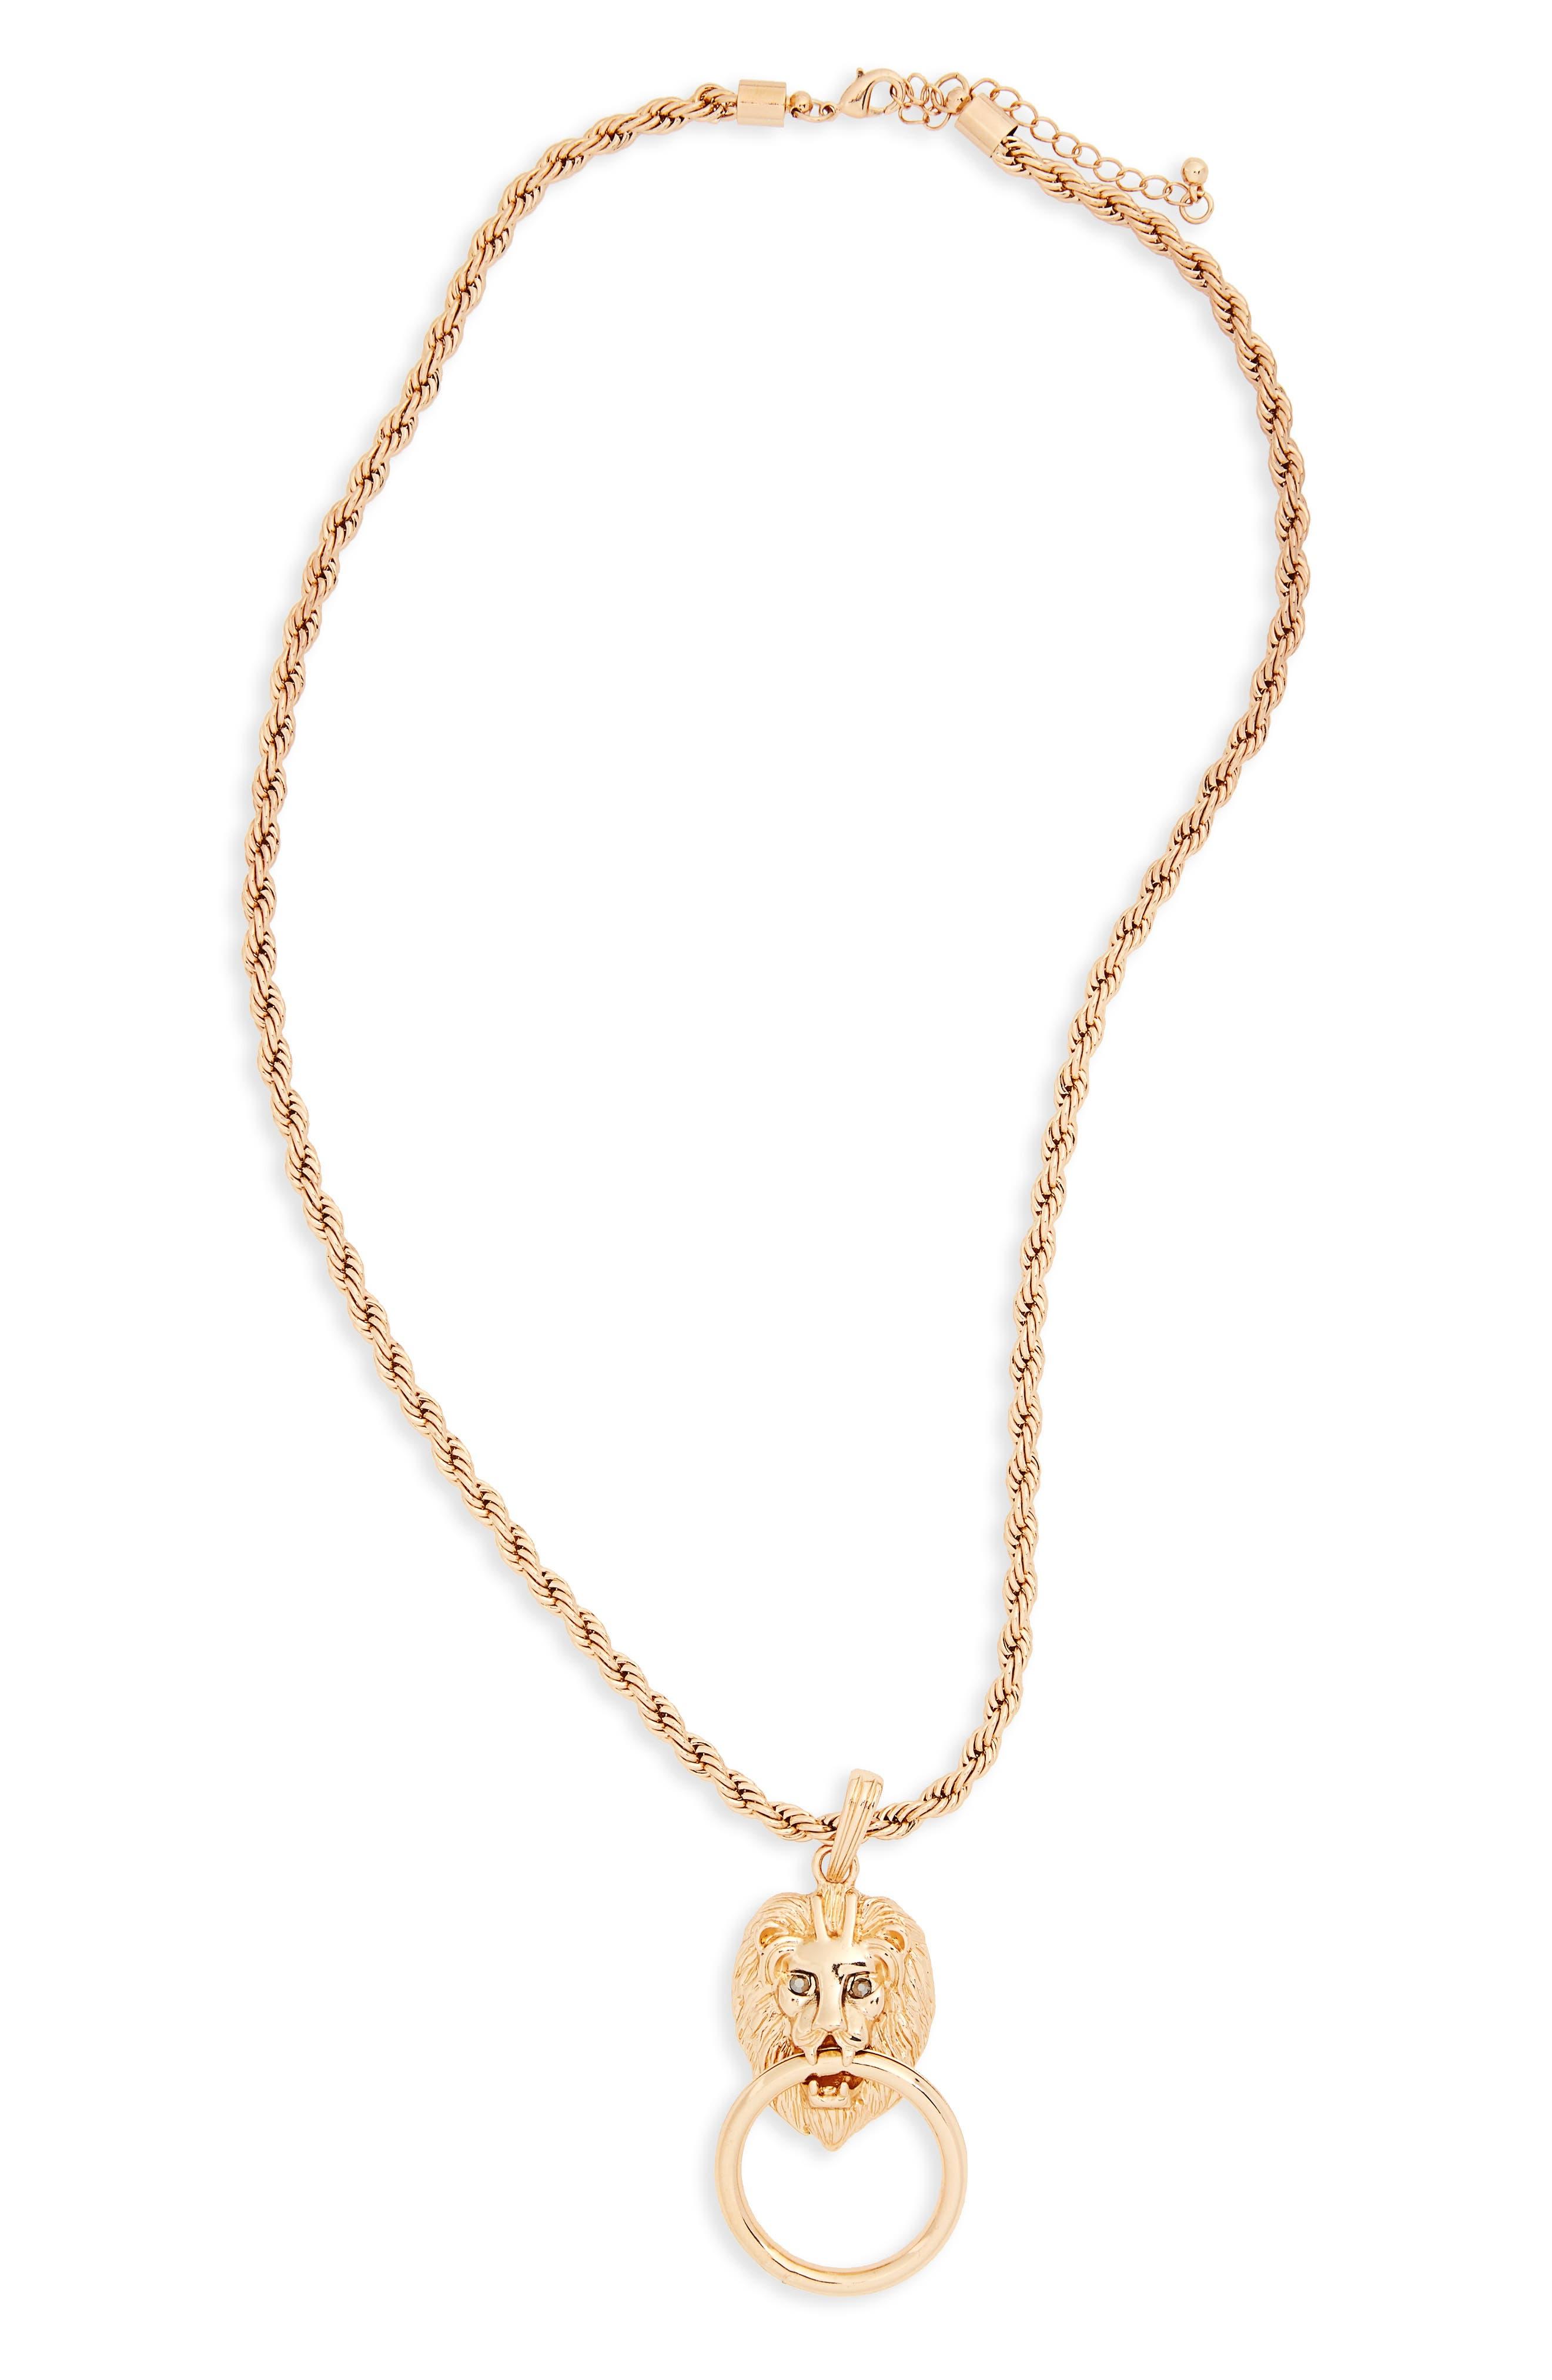 Lion Pendant Necklace,                         Main,                         color, Gold